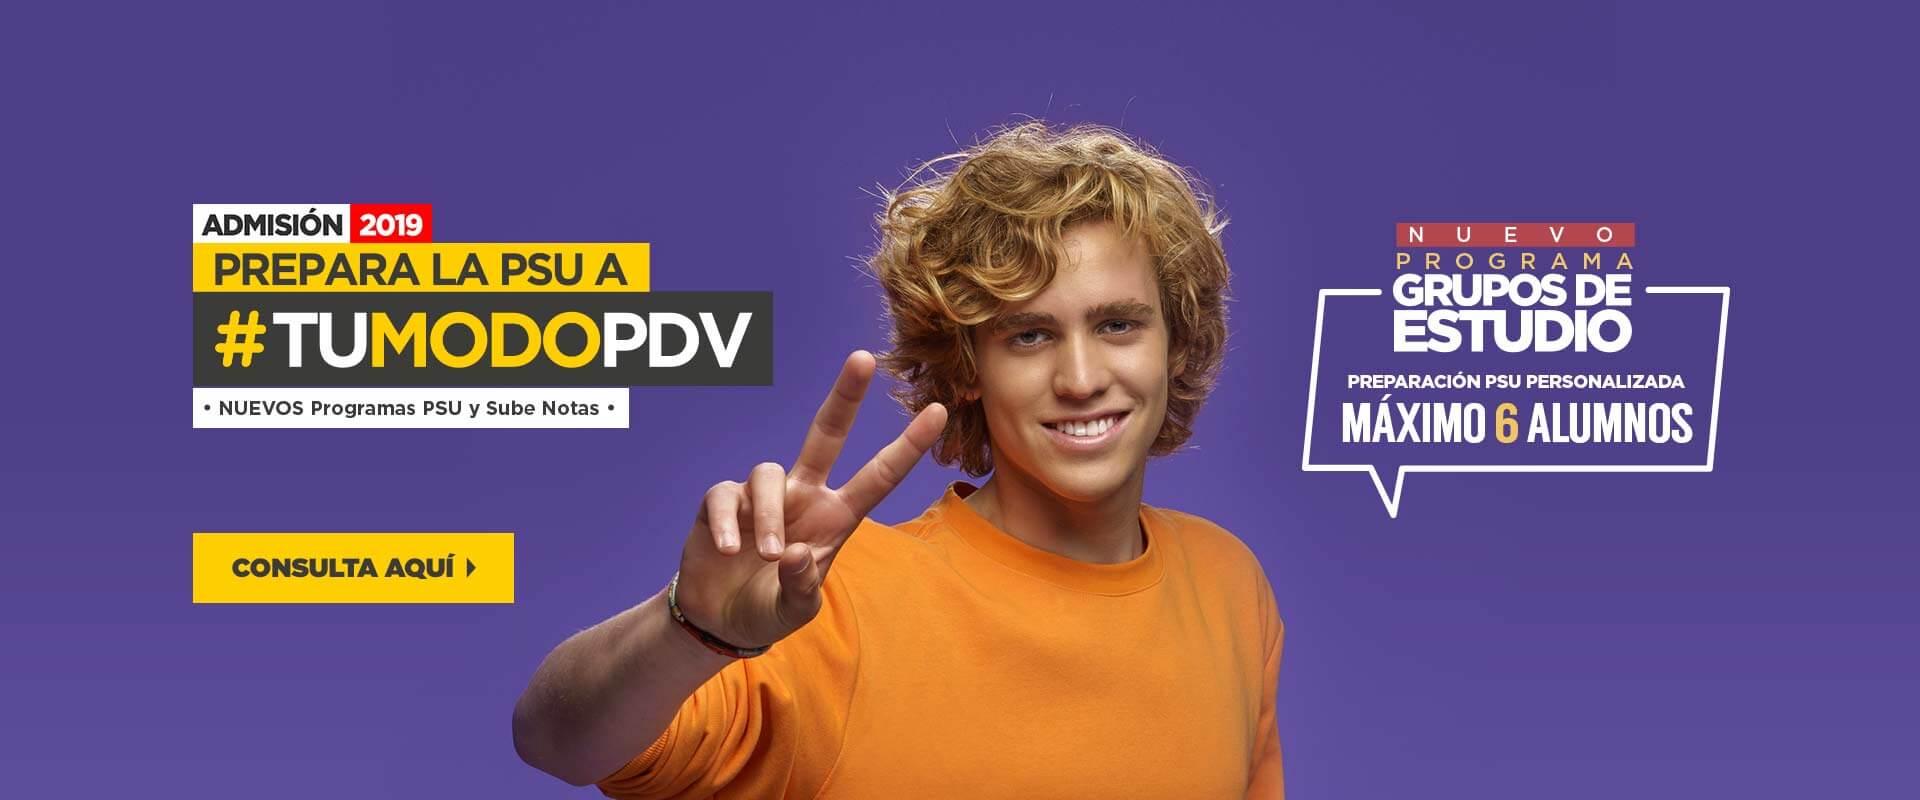 Grupos de Estudio - Preuniversitario Pedro de Valdivia